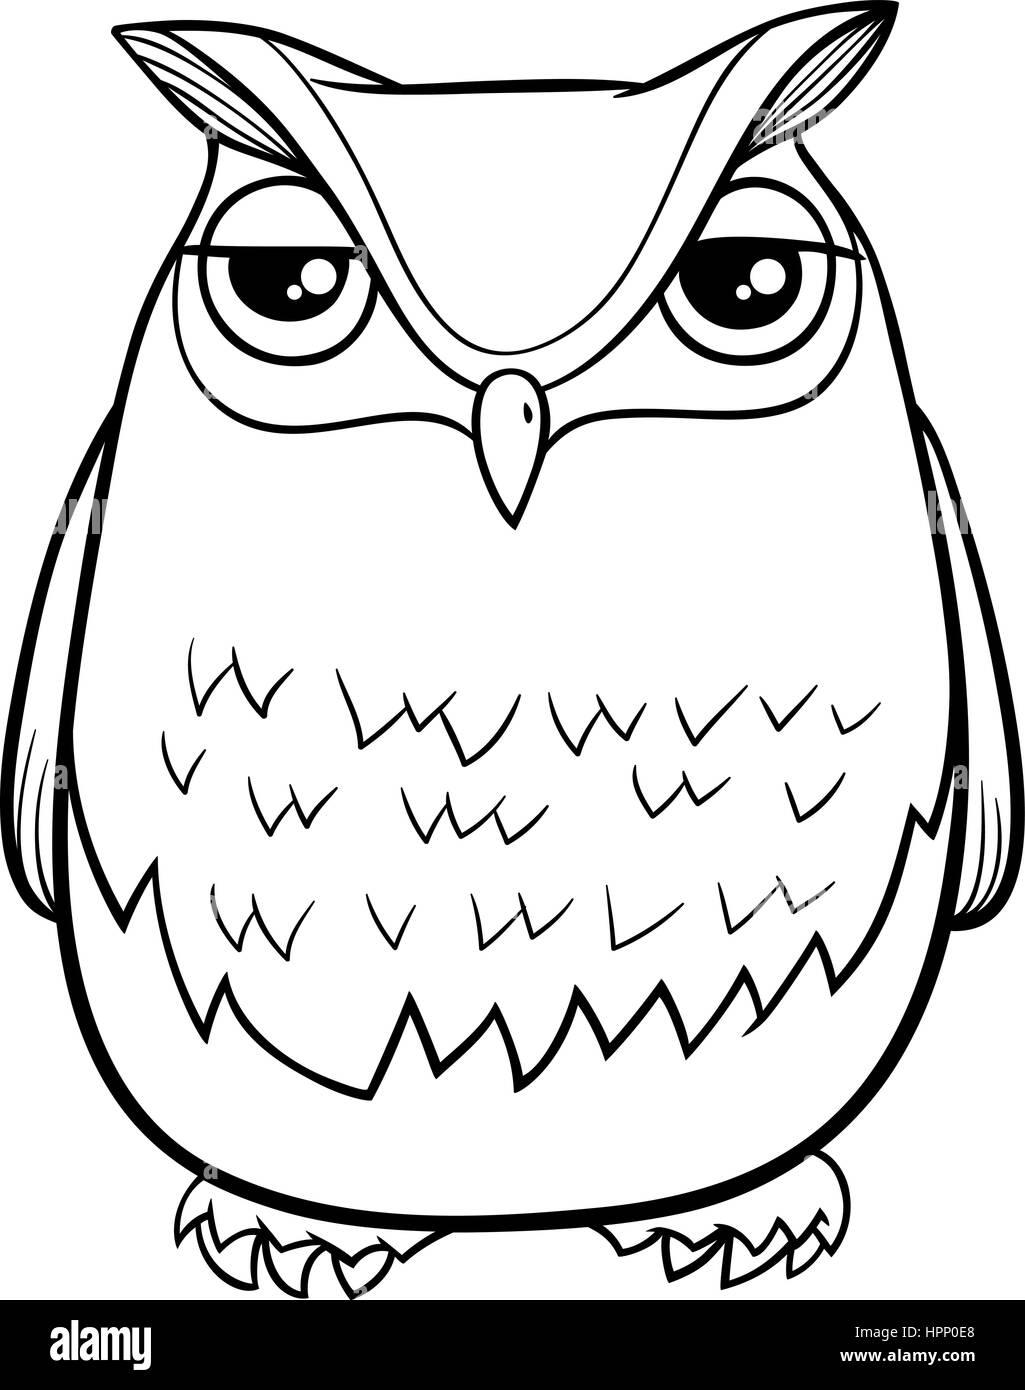 Schwarz Weiß Cartoon Illustration Der Lustige Eule Vogel Tier